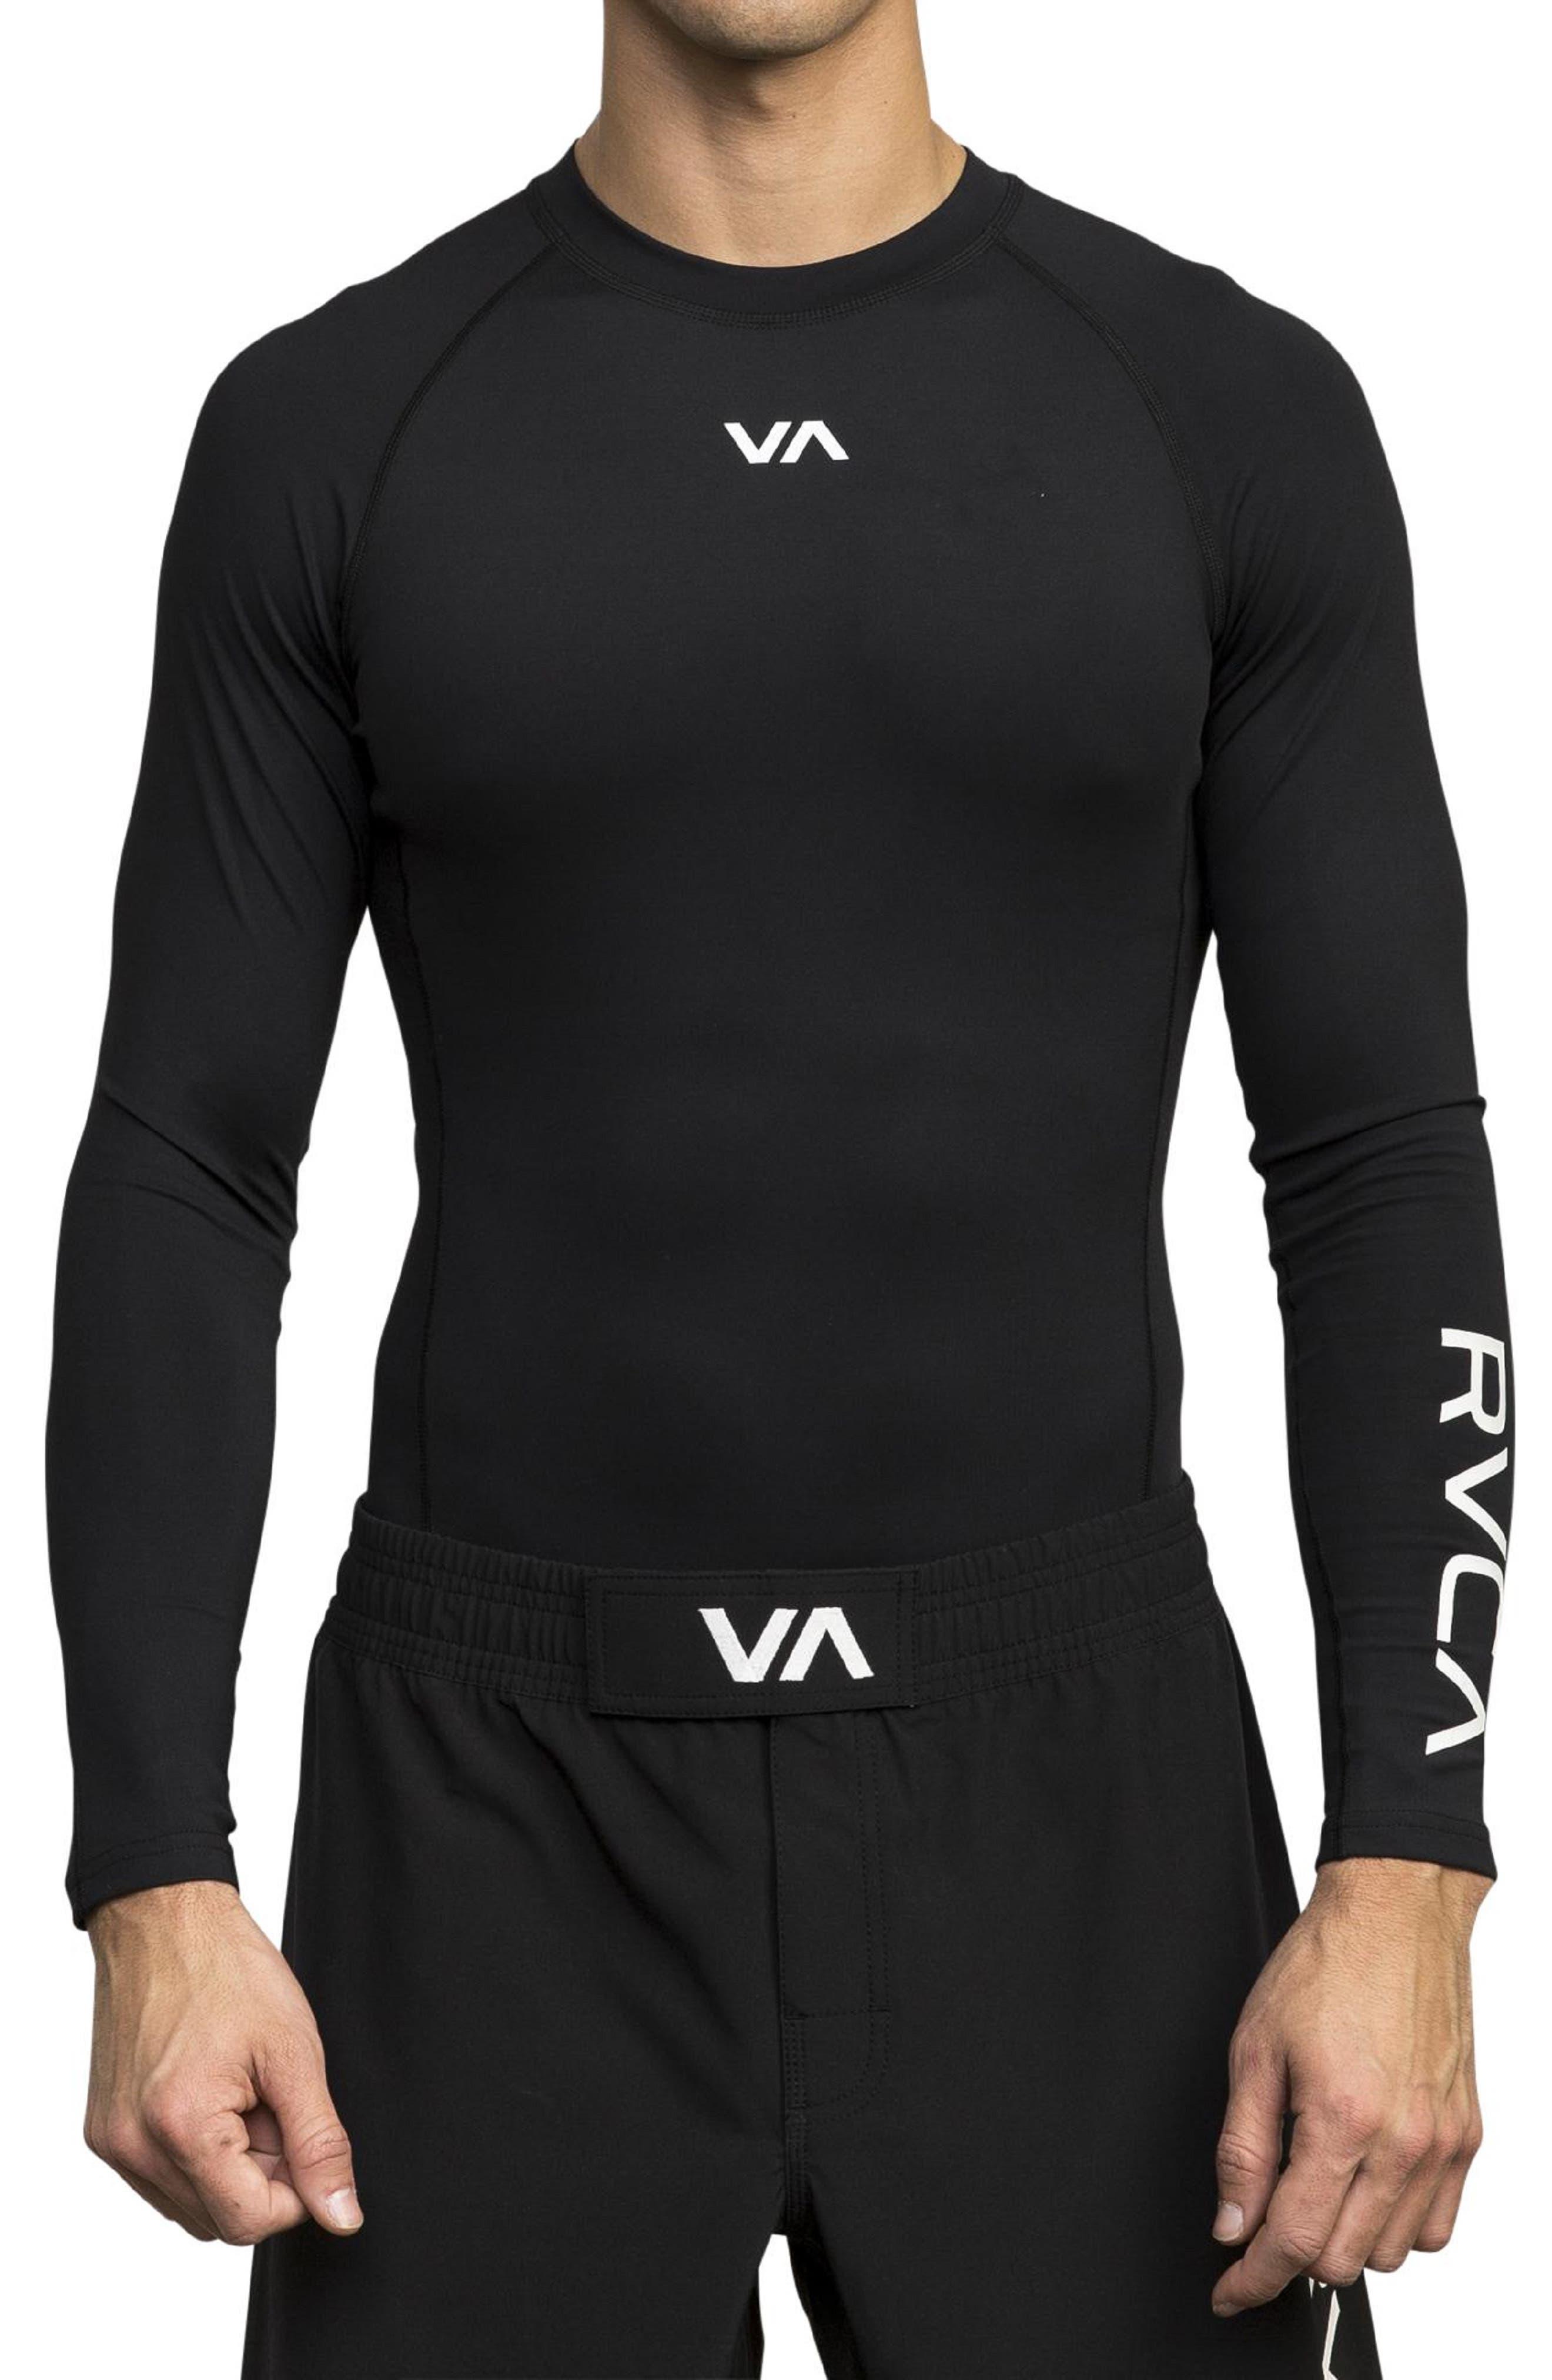 Rvca Va Long Sleeve Compression T-Shirt, Black